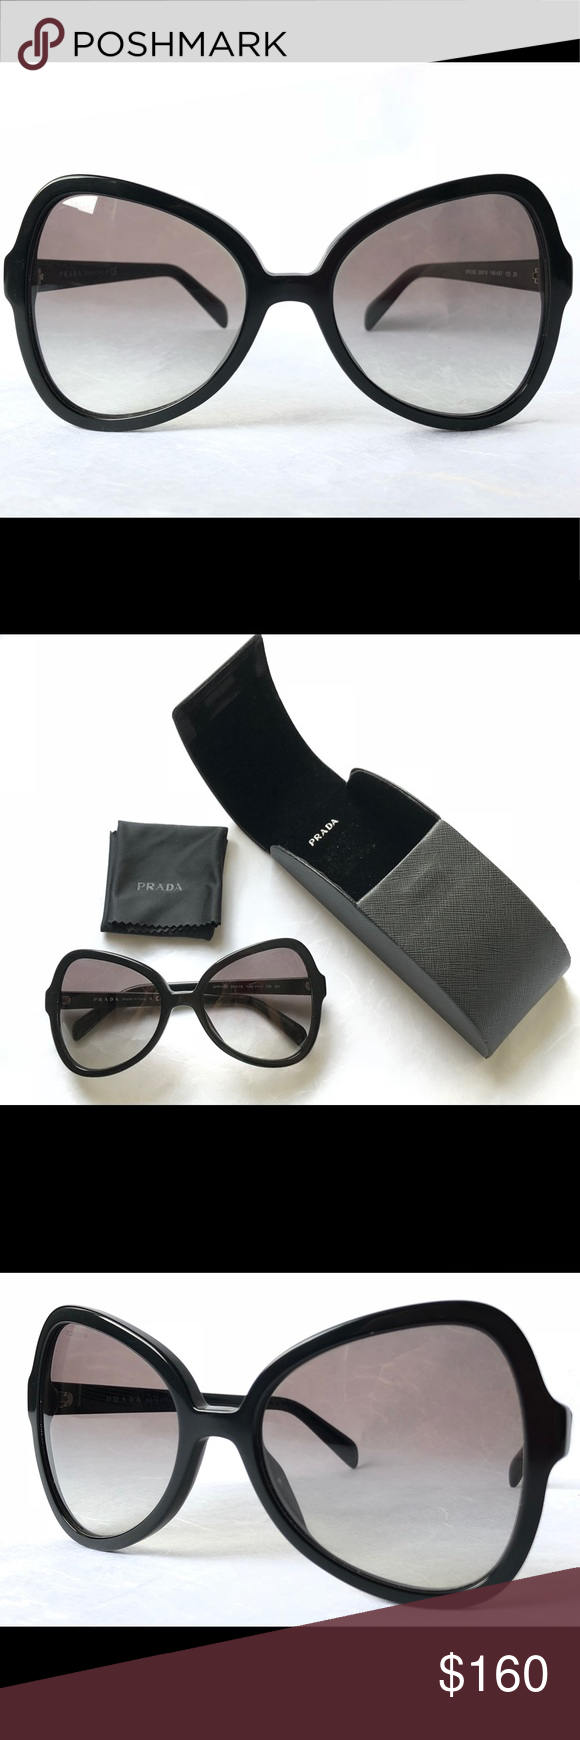 d75627d9c7d Prada sunglasses Original Prada sunglasses. Black. Made in Italy. With box.  In perfect condition. Prada Accessories Sunglasses